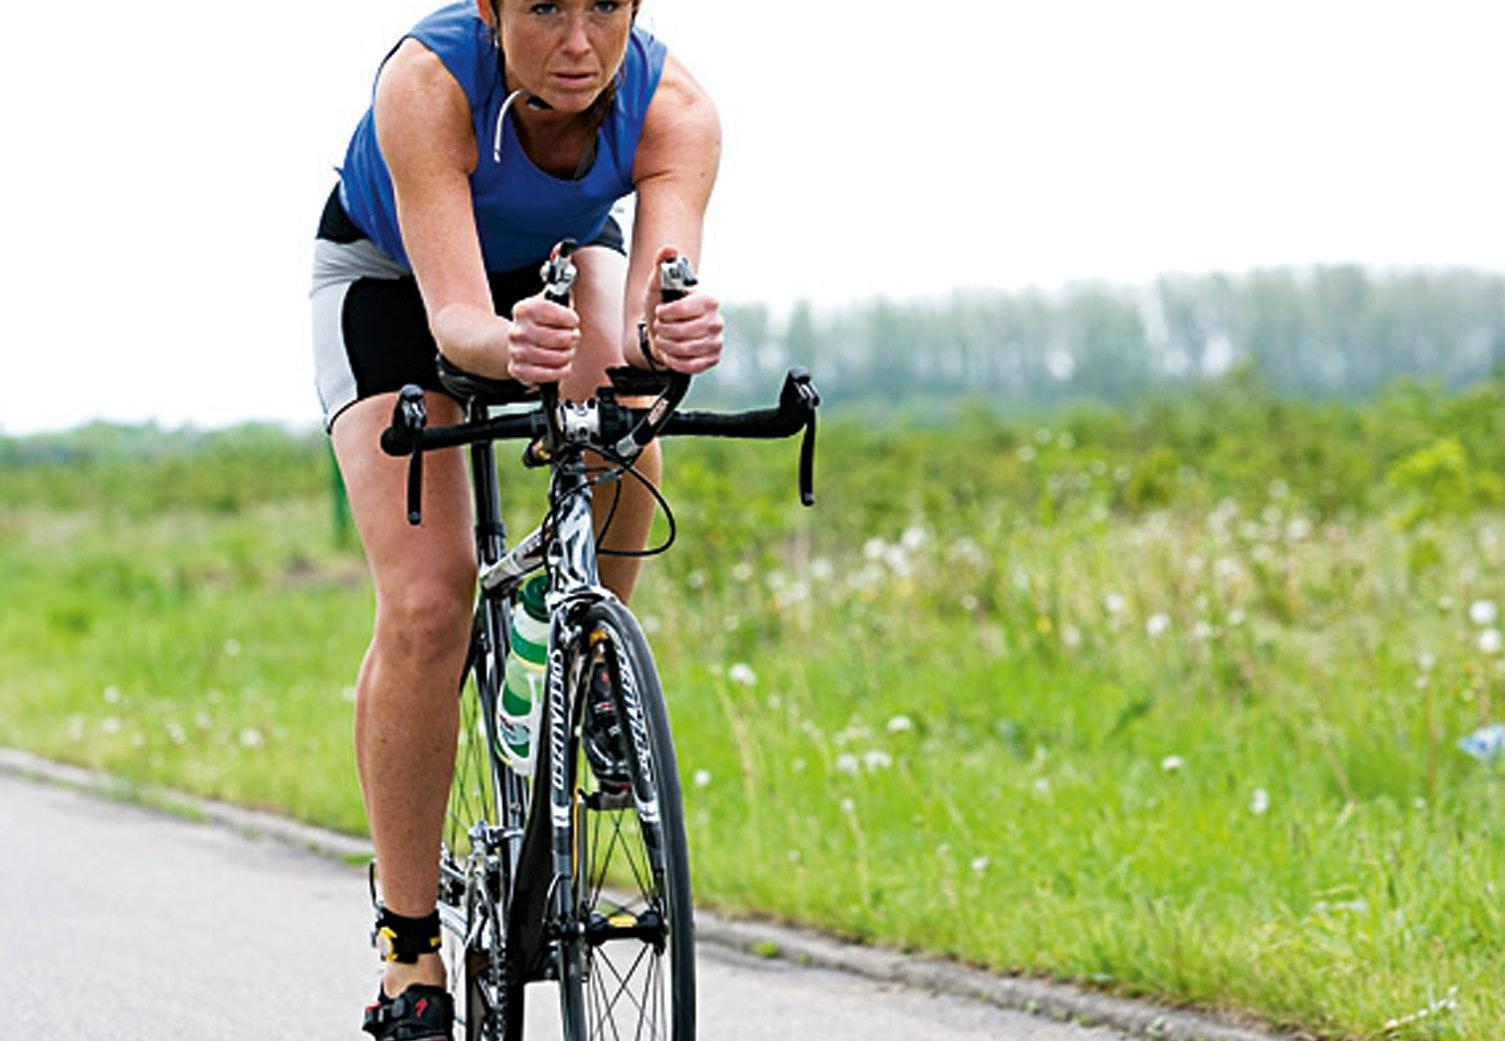 Stramme baller og sammenhold med cykling | Iform.dk